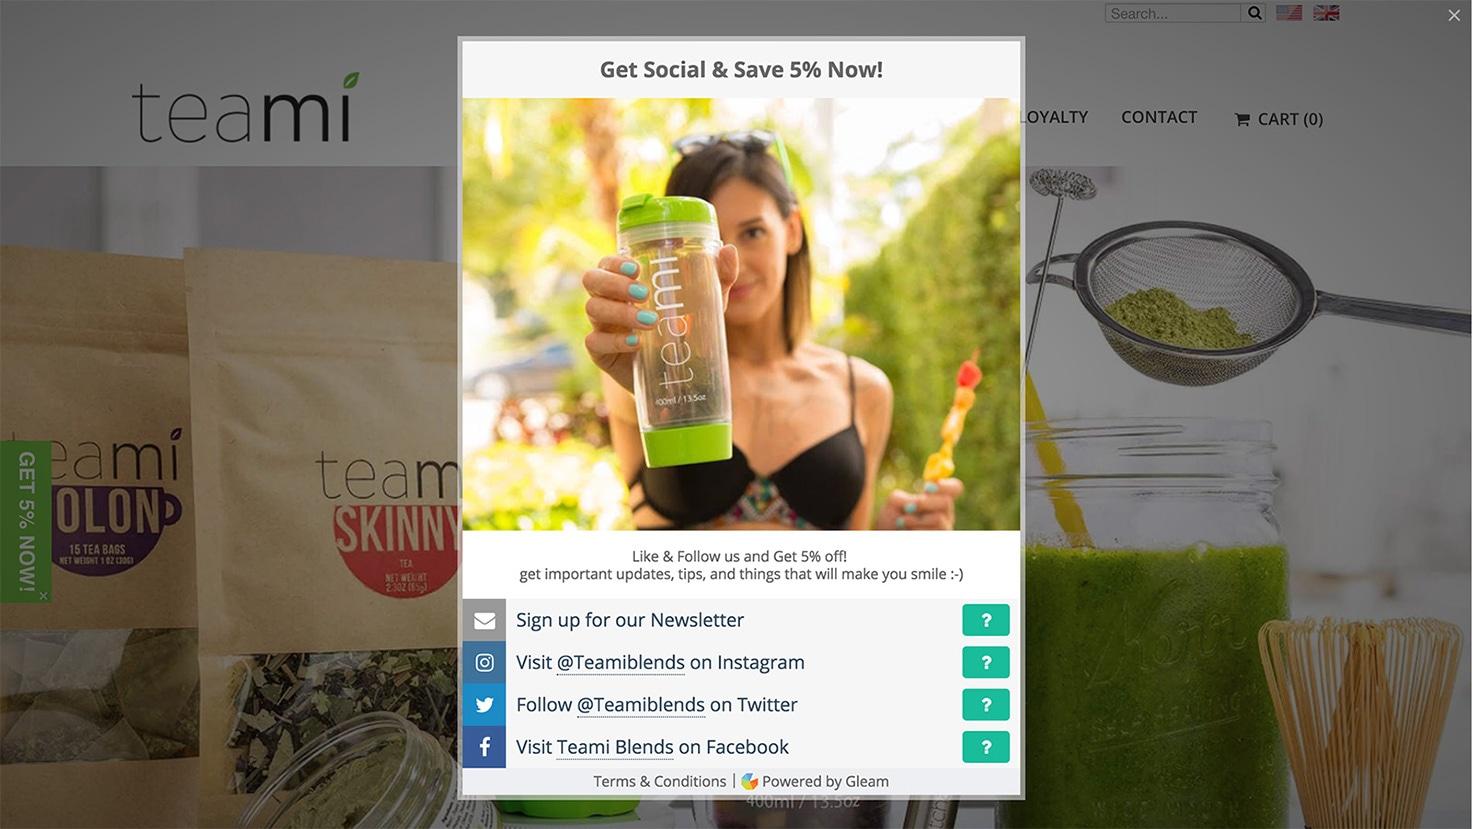 Gleam Rewards tab being opened in Teami Blend's website